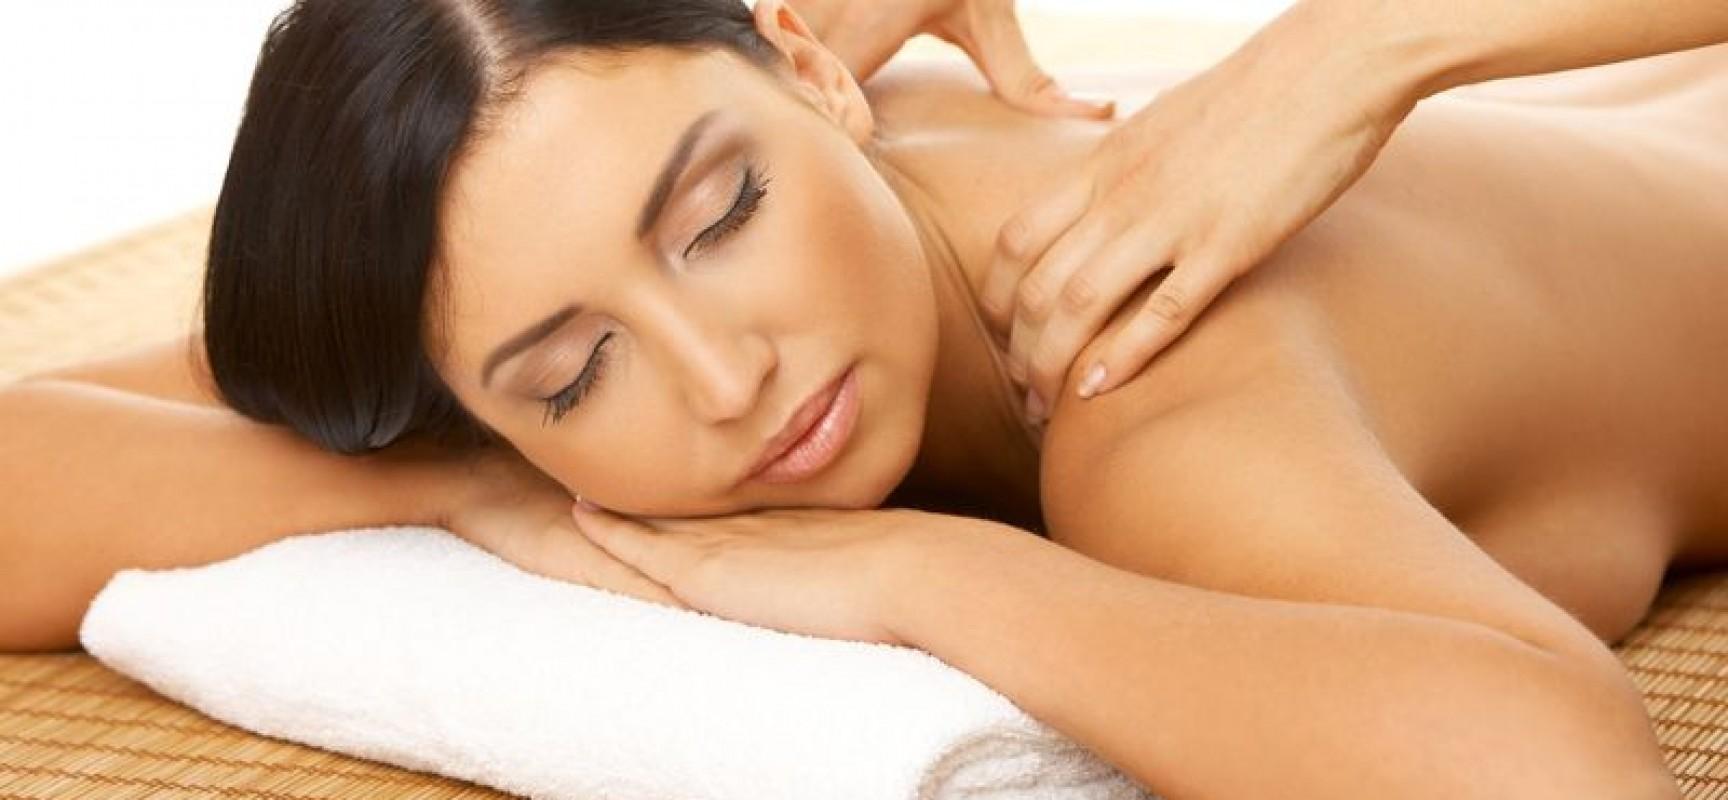 donna che fa l amore massaggi erotico video